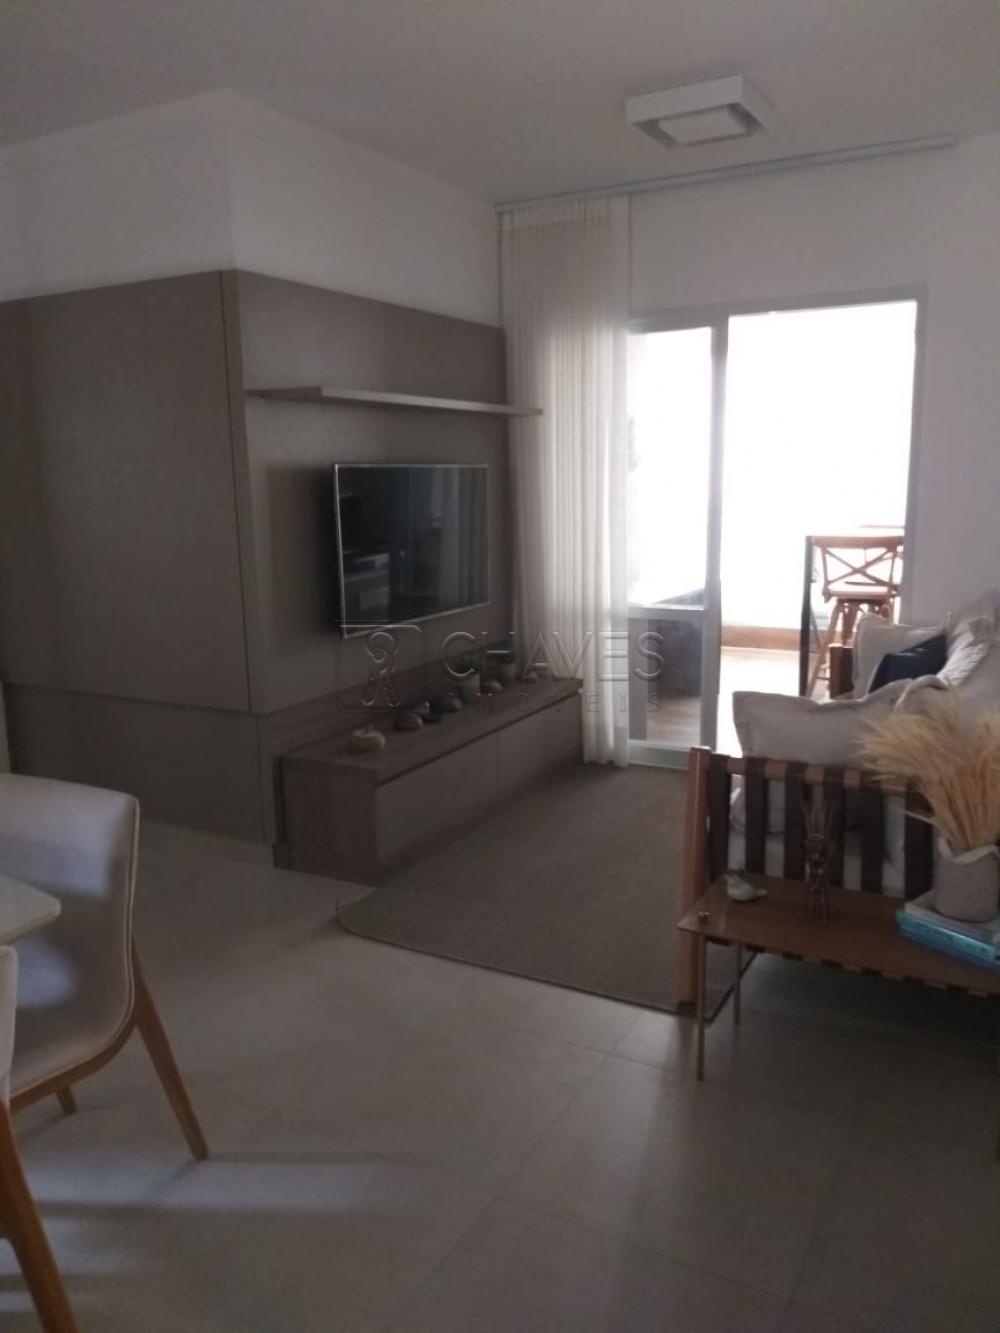 Comprar Apartamento / Padrão em Ribeirão Preto apenas R$ 586.450,00 - Foto 27